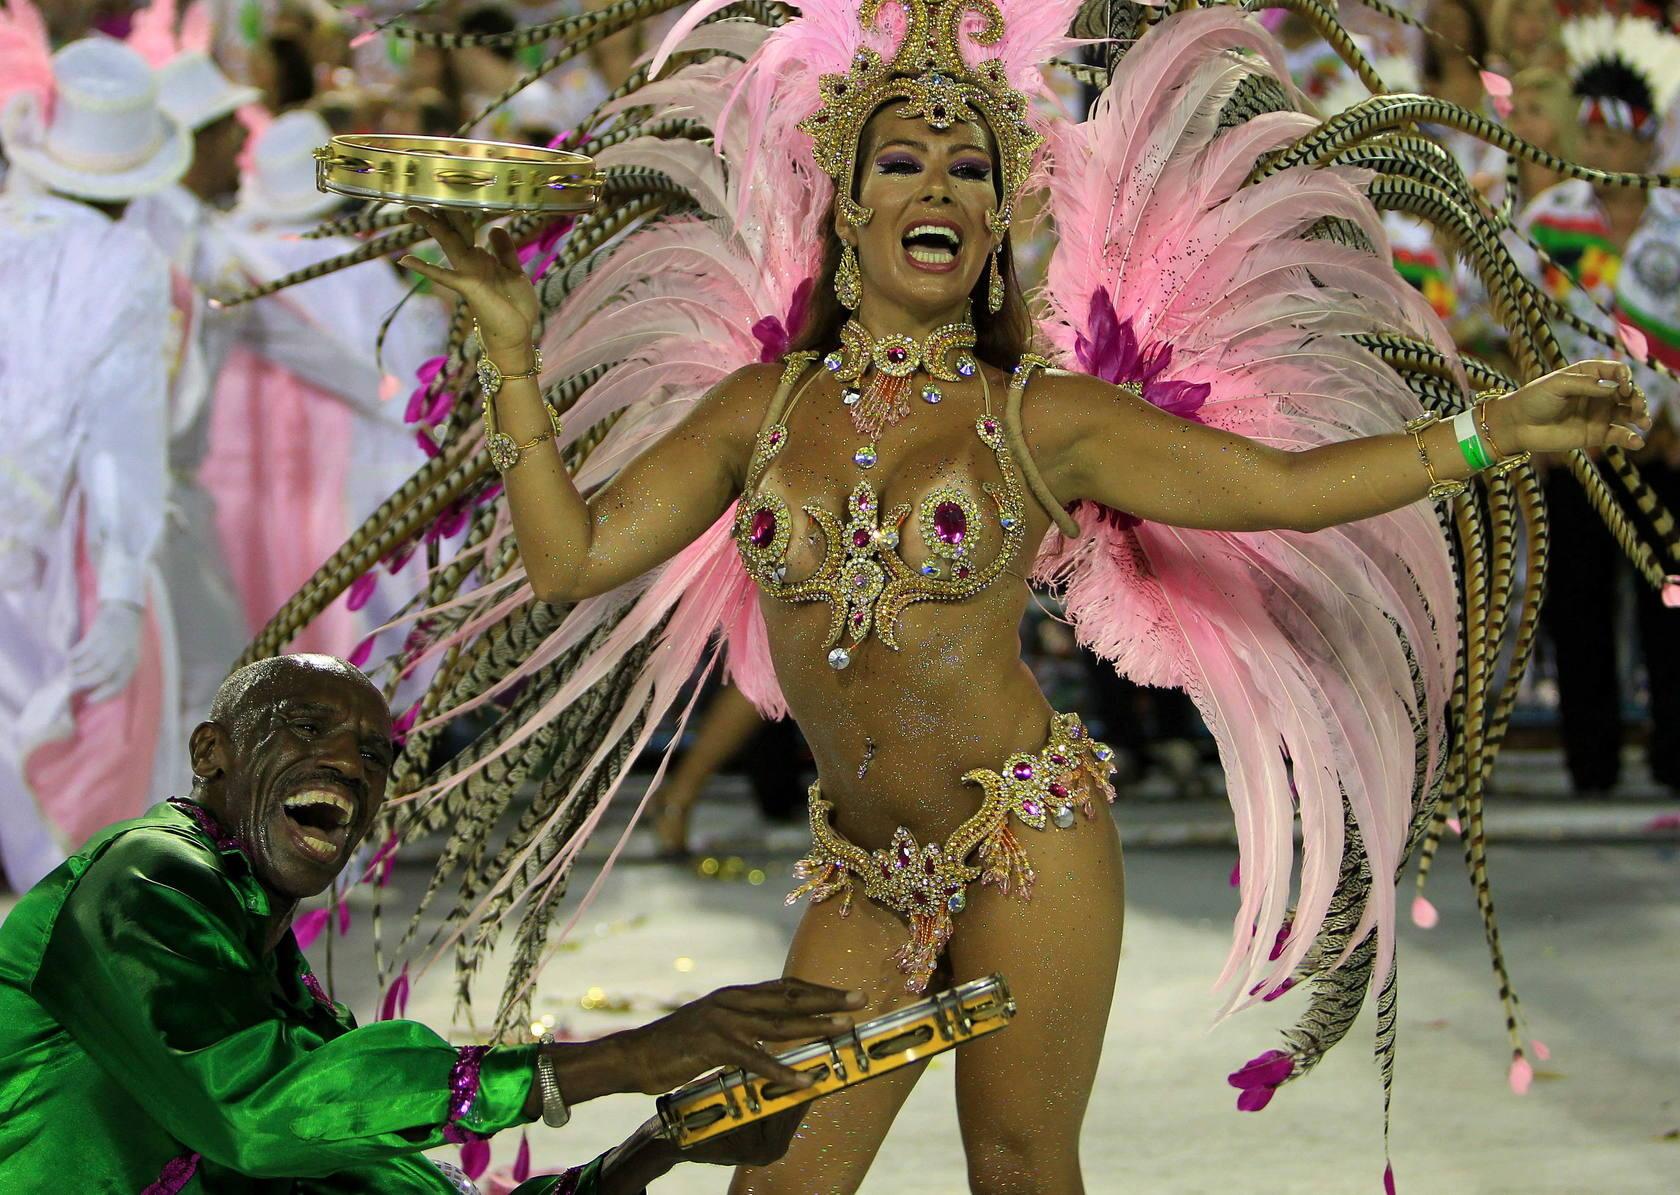 mejores cuerpos (garotas) del Carnaval de Brasil - DiarioSur.es. Foto